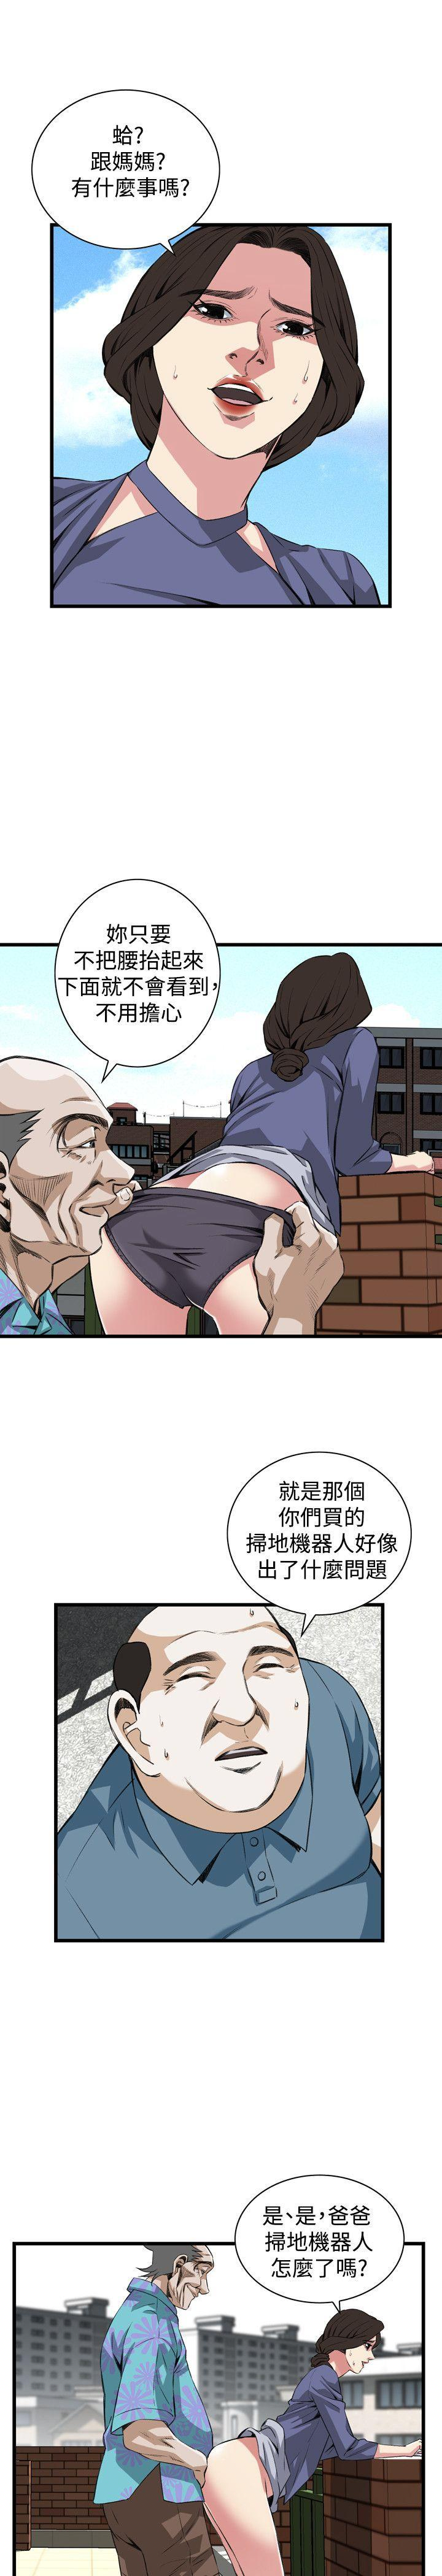 偷窥72-93 Chinese Rsiky 140